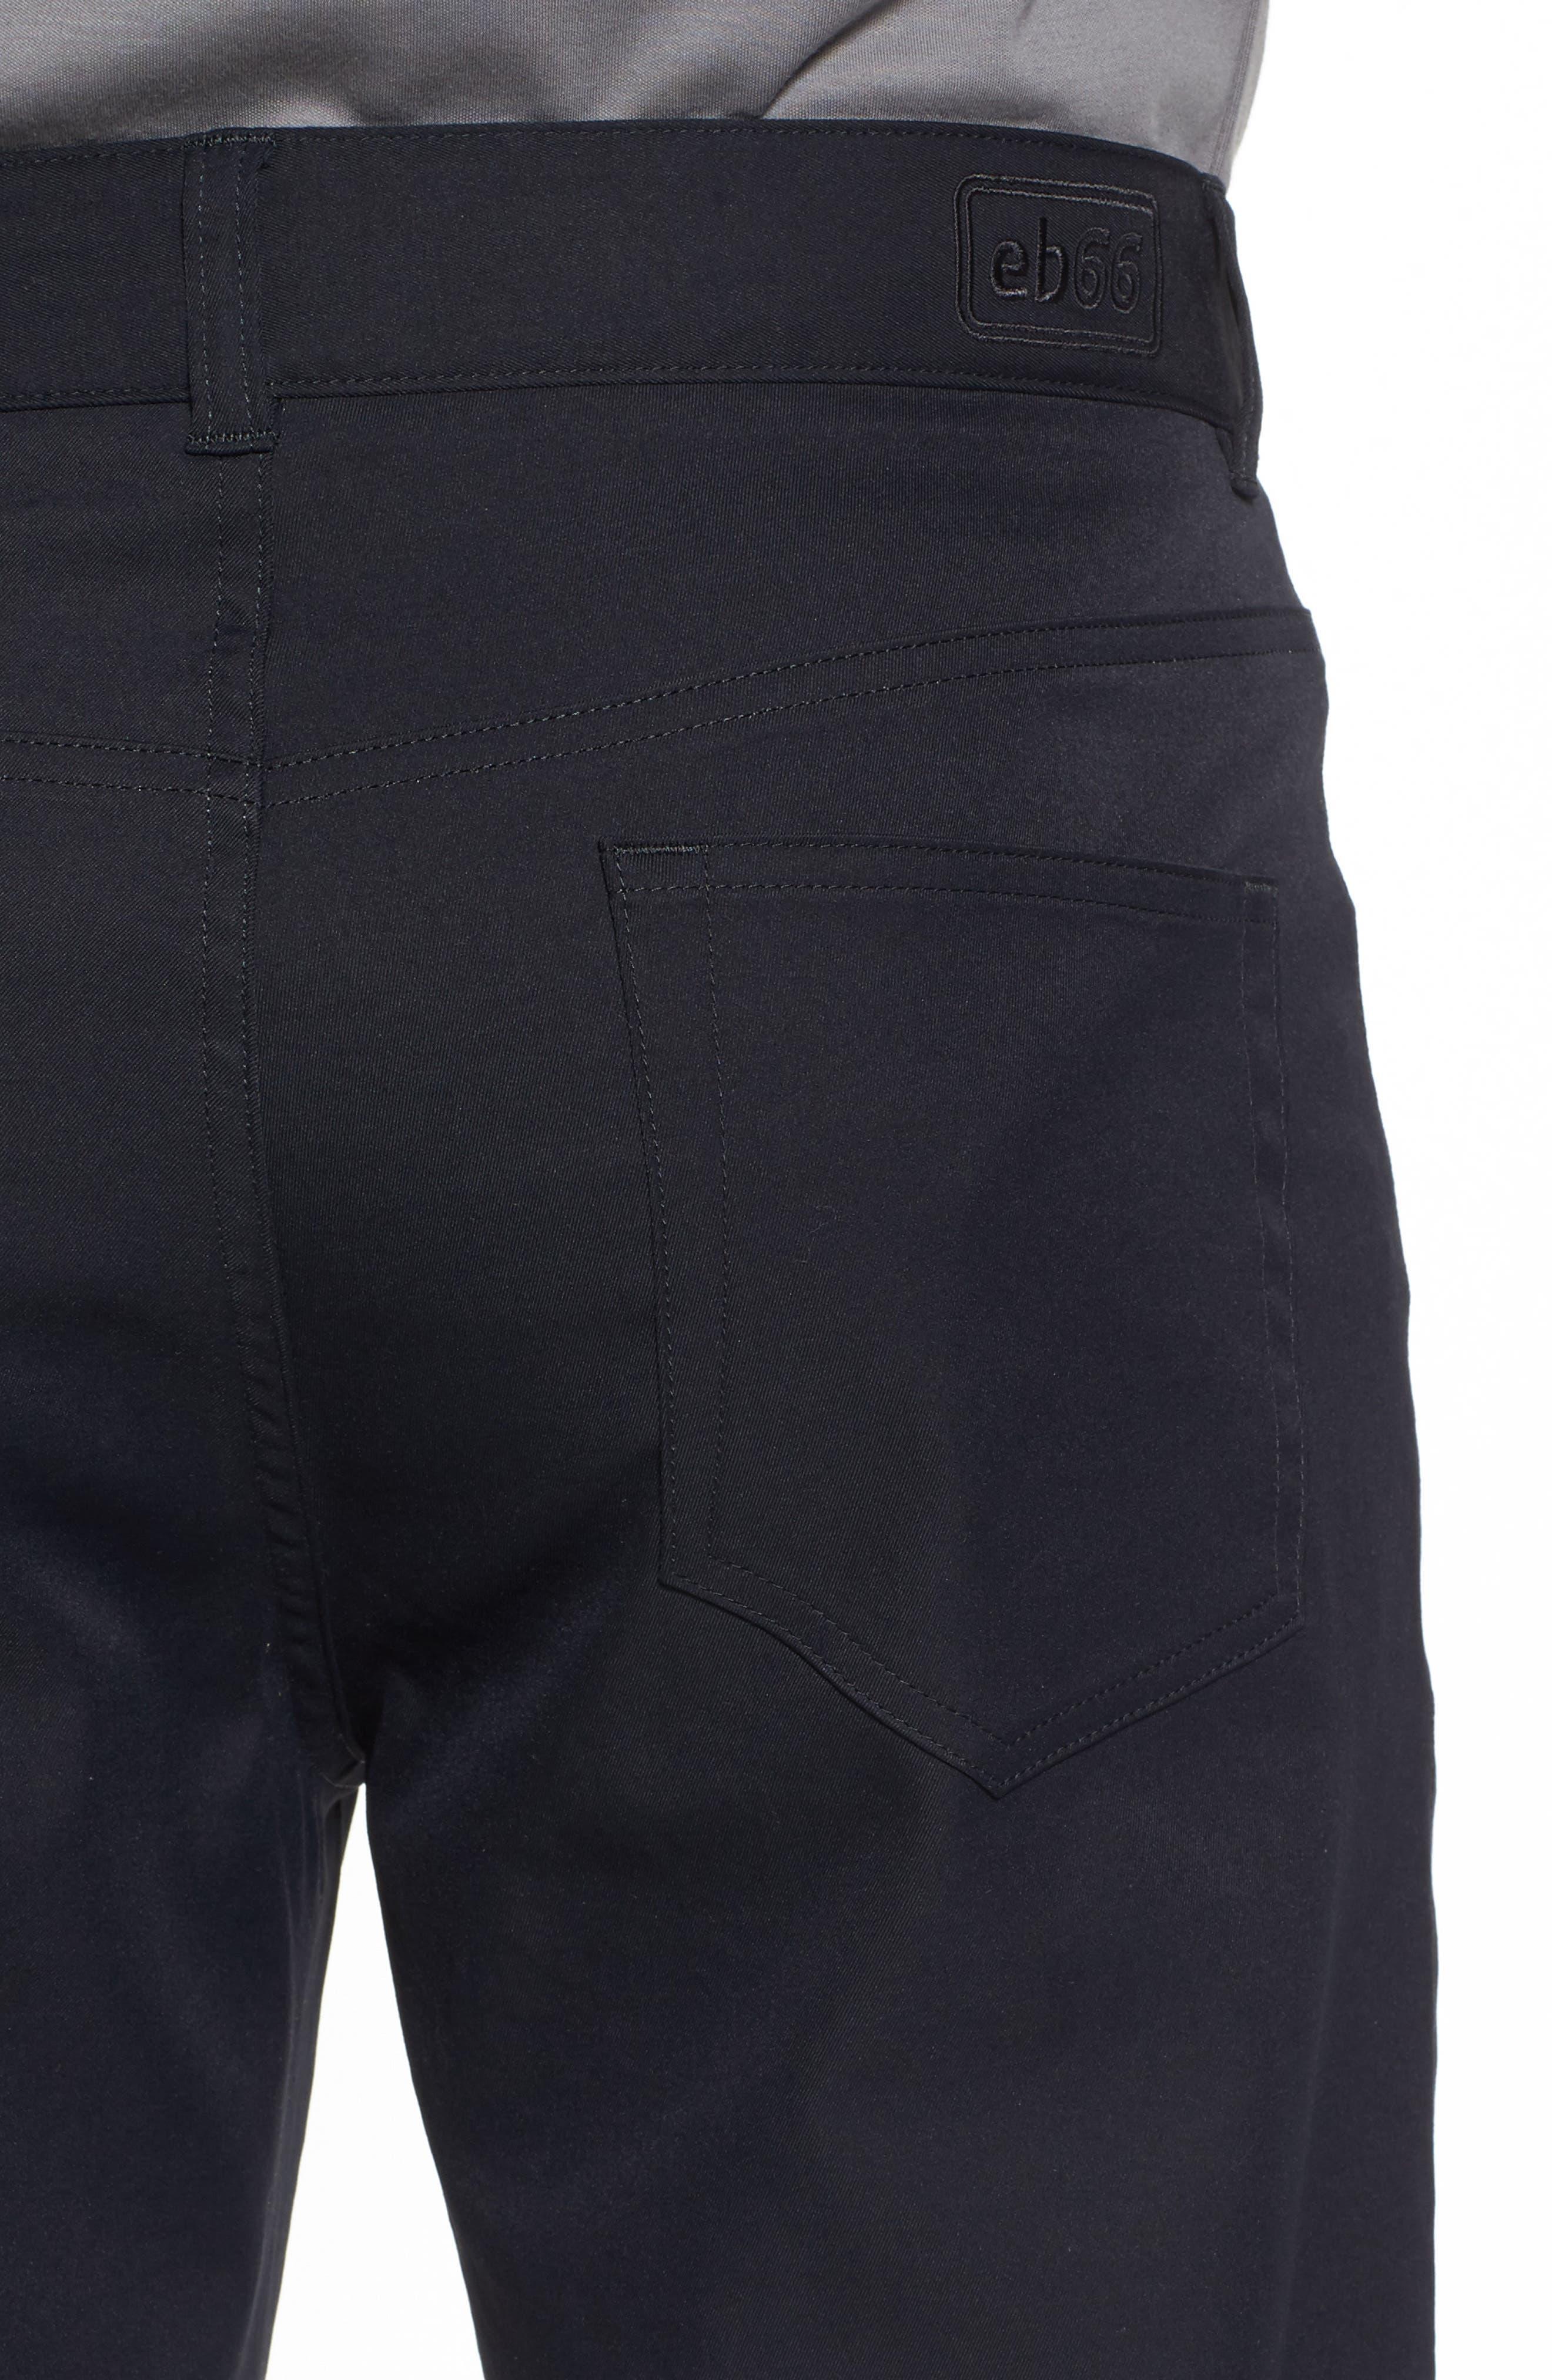 EB66 Performance Six-Pocket Pants,                             Alternate thumbnail 4, color,                             Black